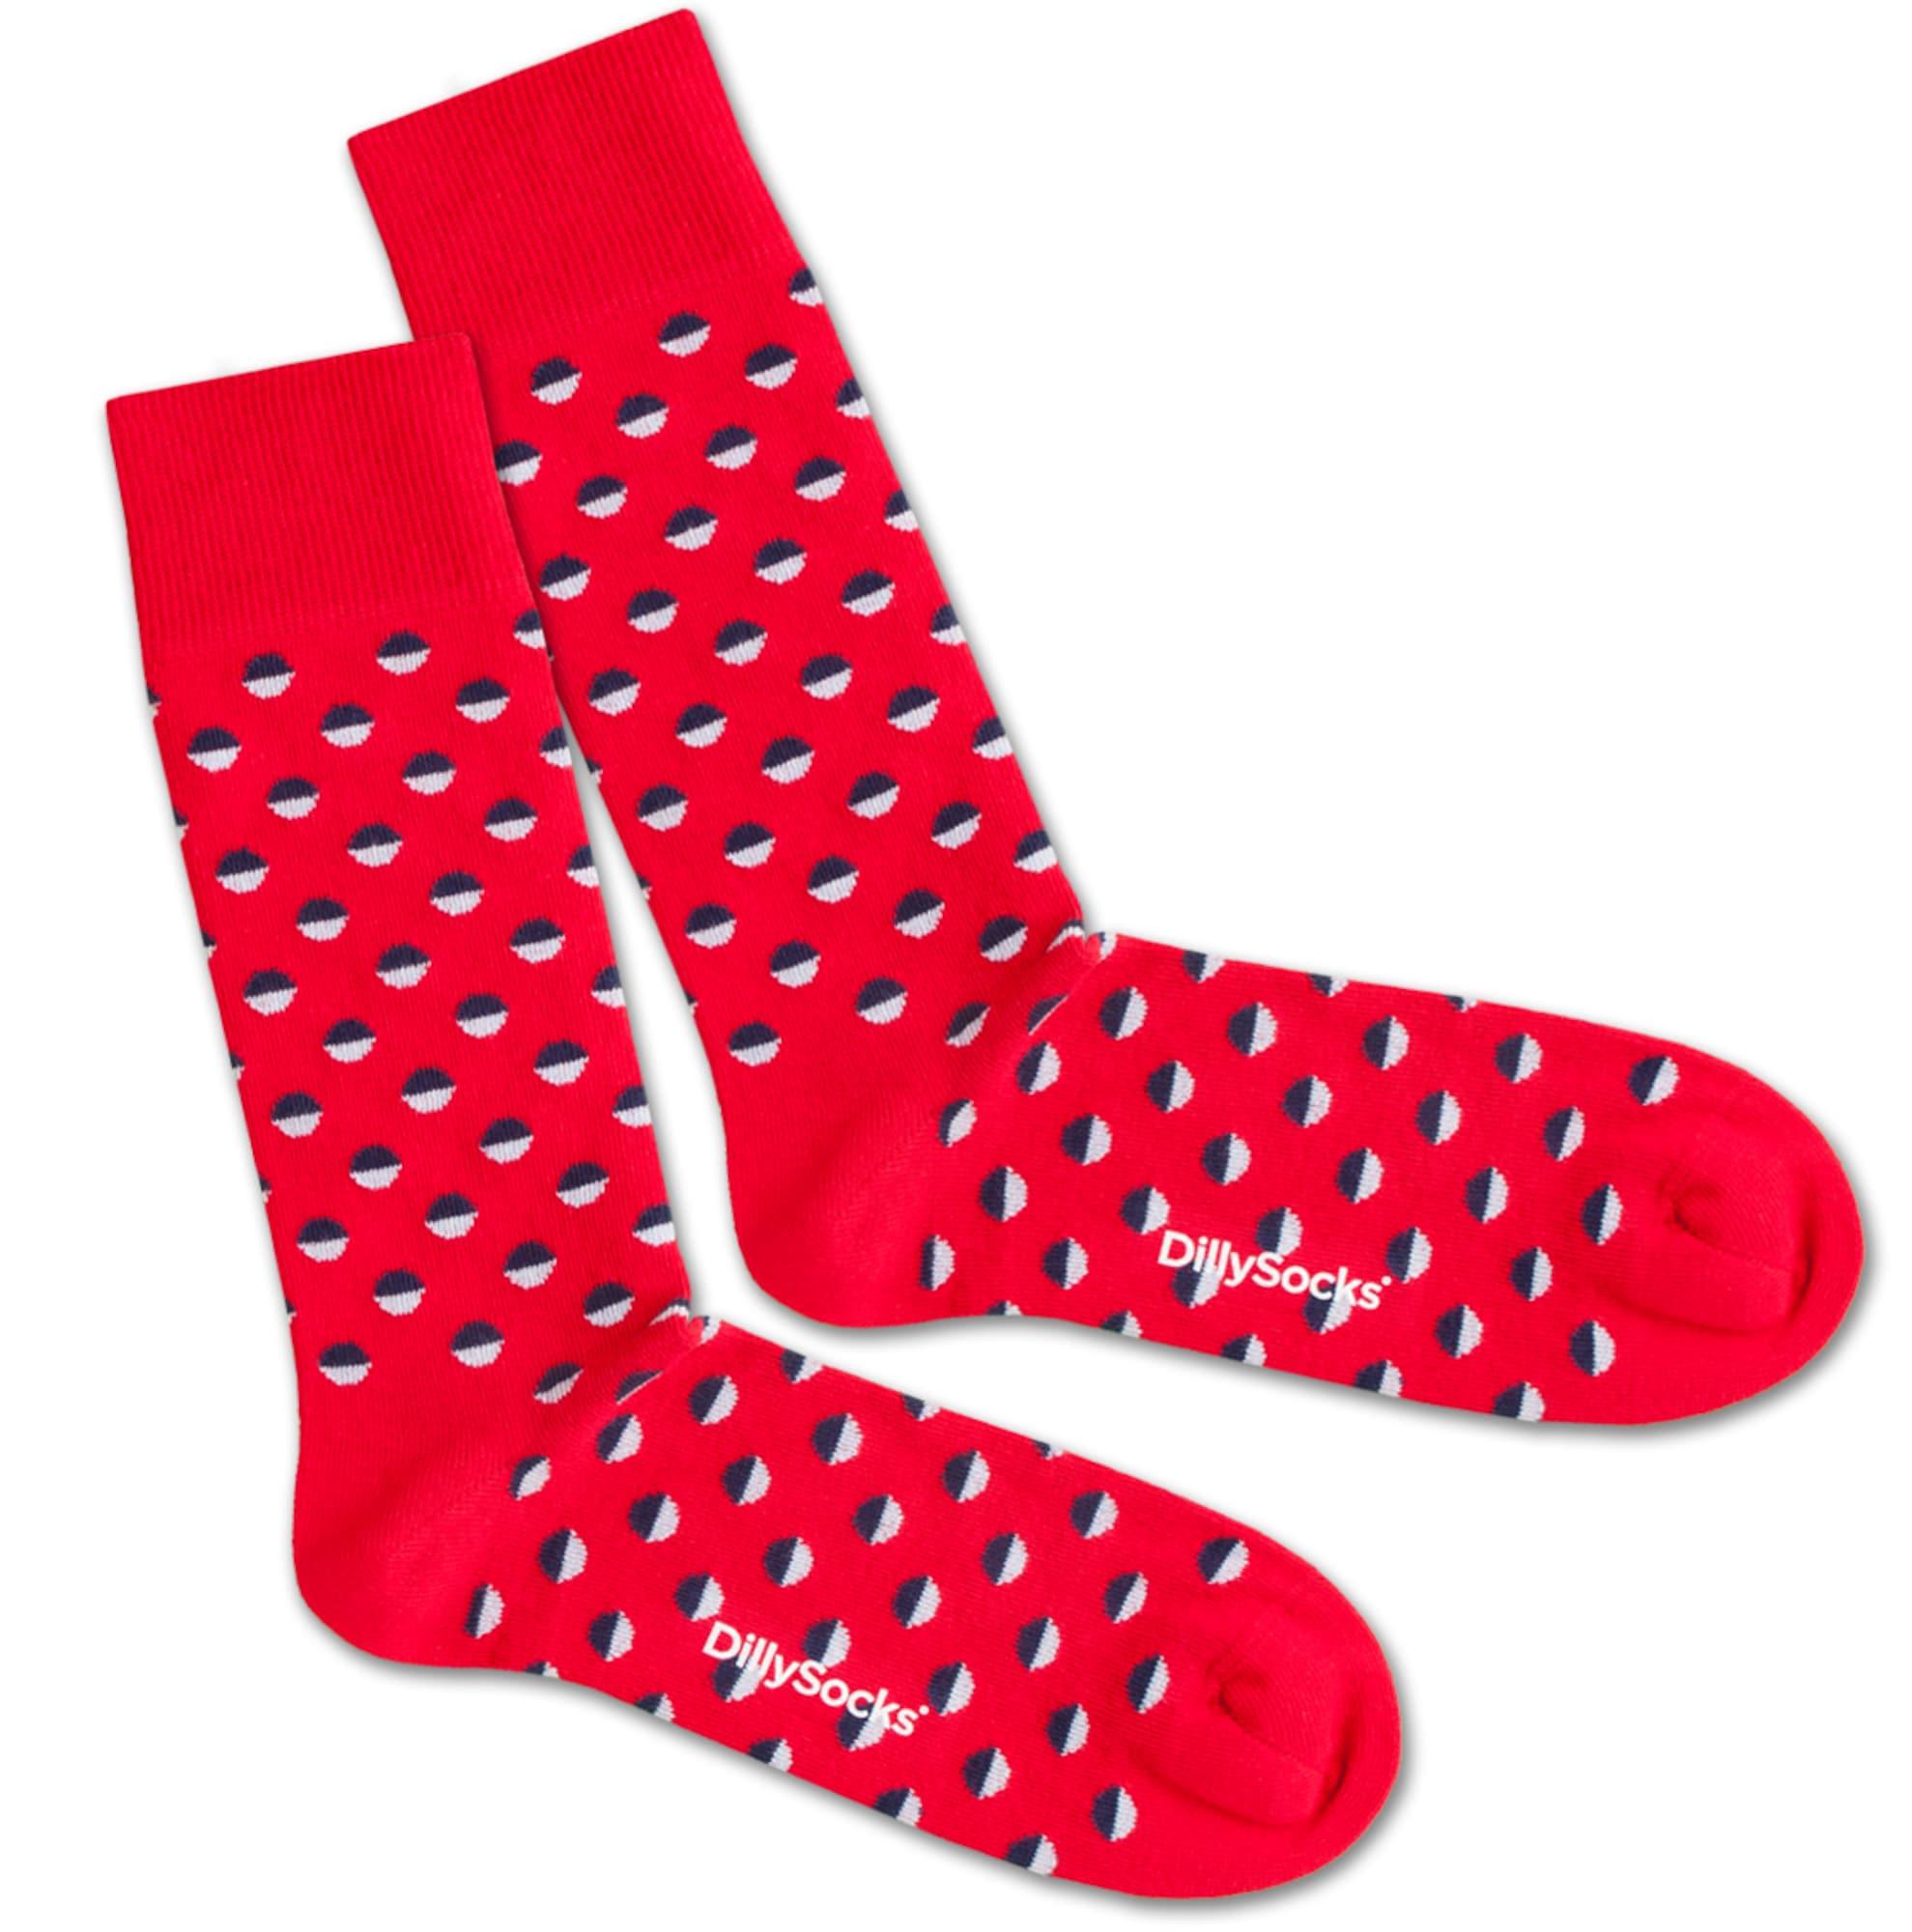 Ponožky Red Boccia Field modrá červená bílá DillySocks